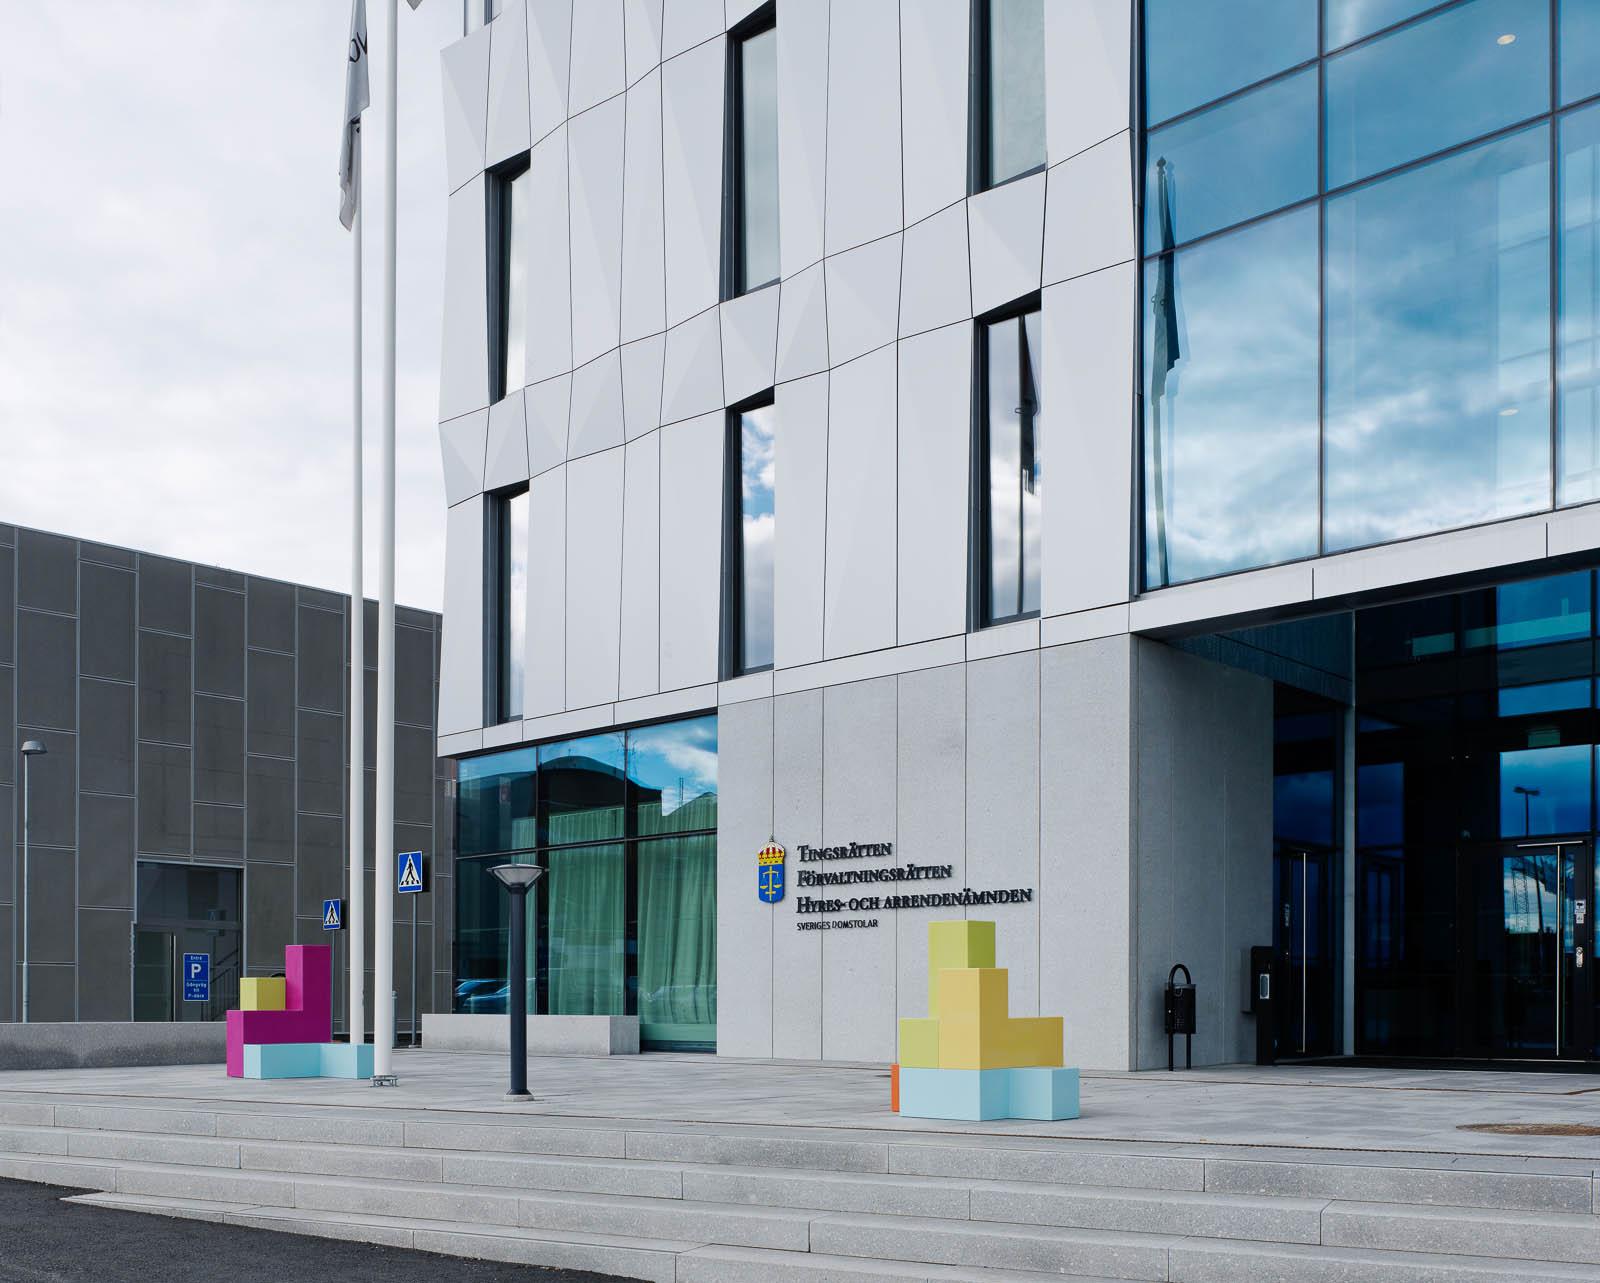 Utanför domstolsbyggnaden står några flerfärgade skulpturer. Jacob Dahlgren, Tetris, 2012.